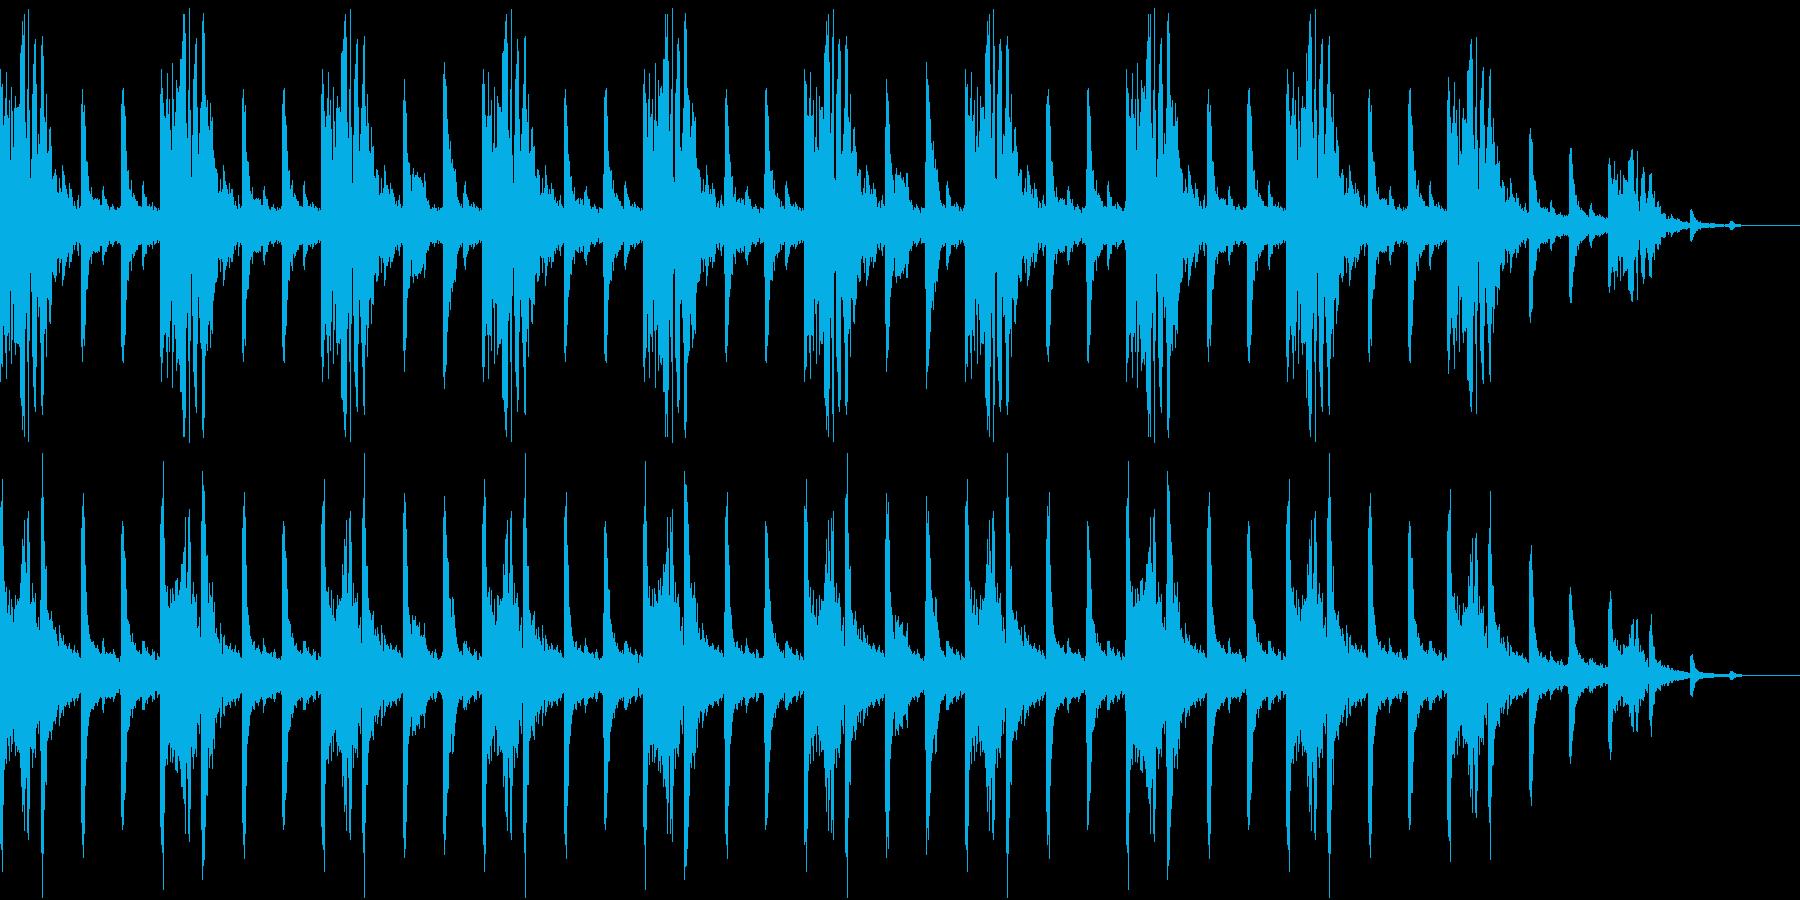 深夜山林で発生した猟奇事件(劇伴向け)の再生済みの波形